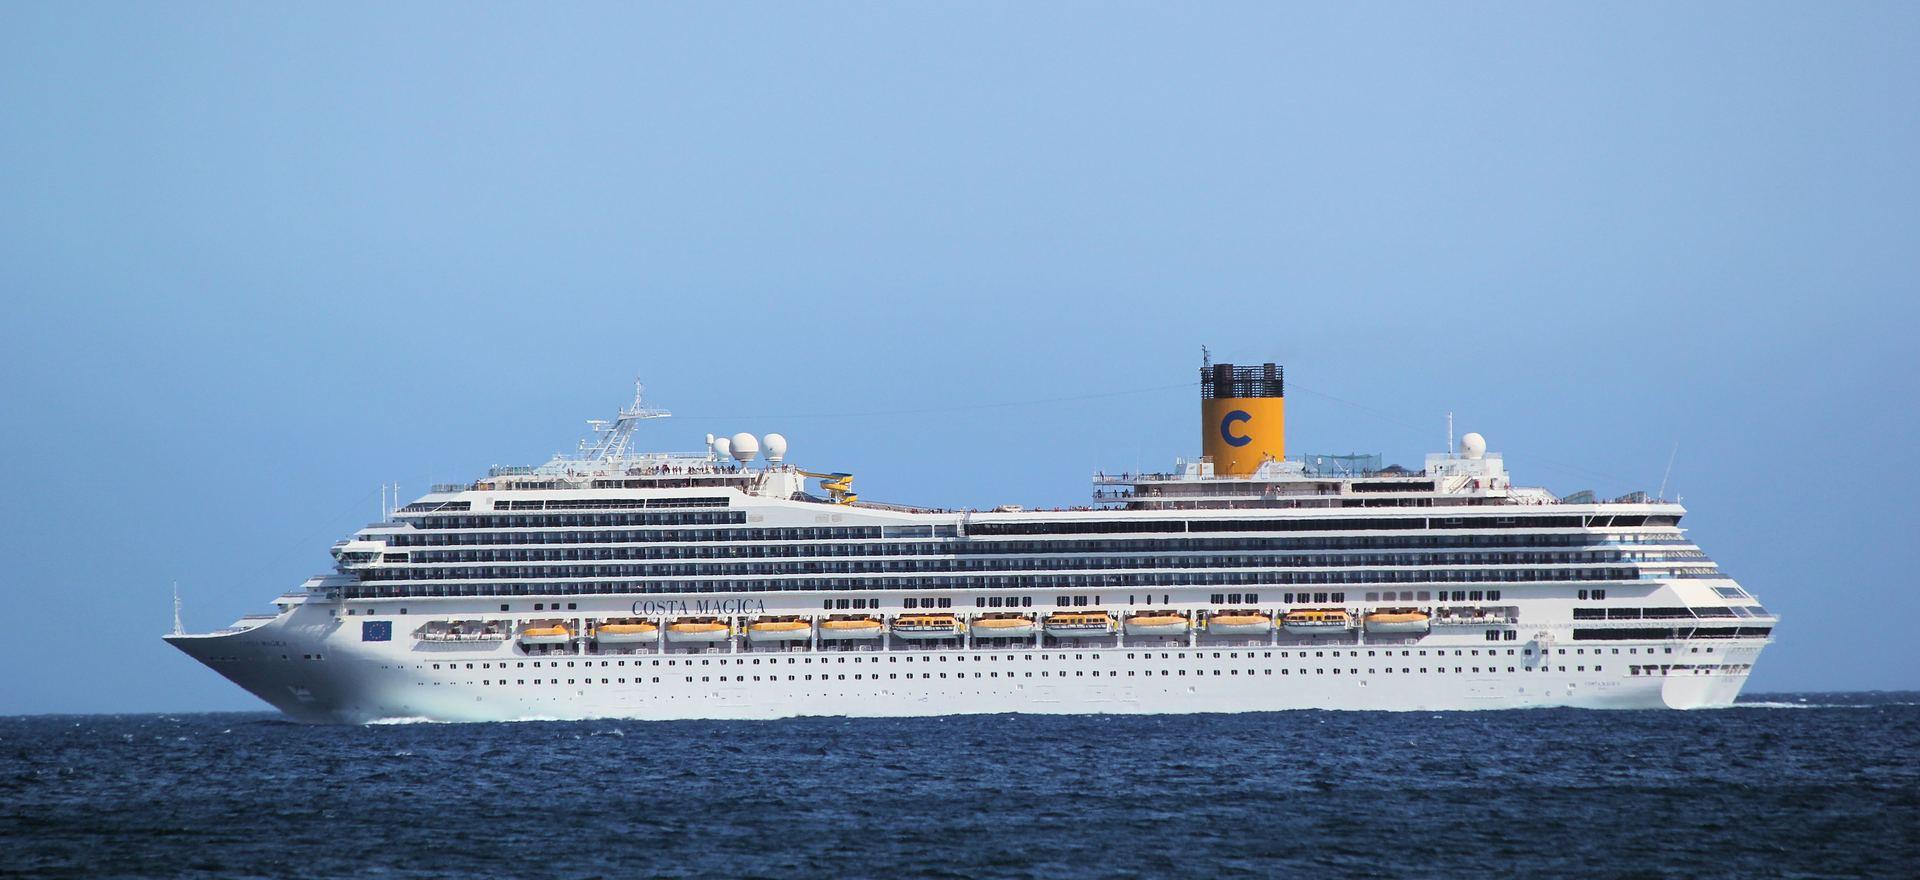 Flere krydstogtsskibe i hovedstaden og provinsen